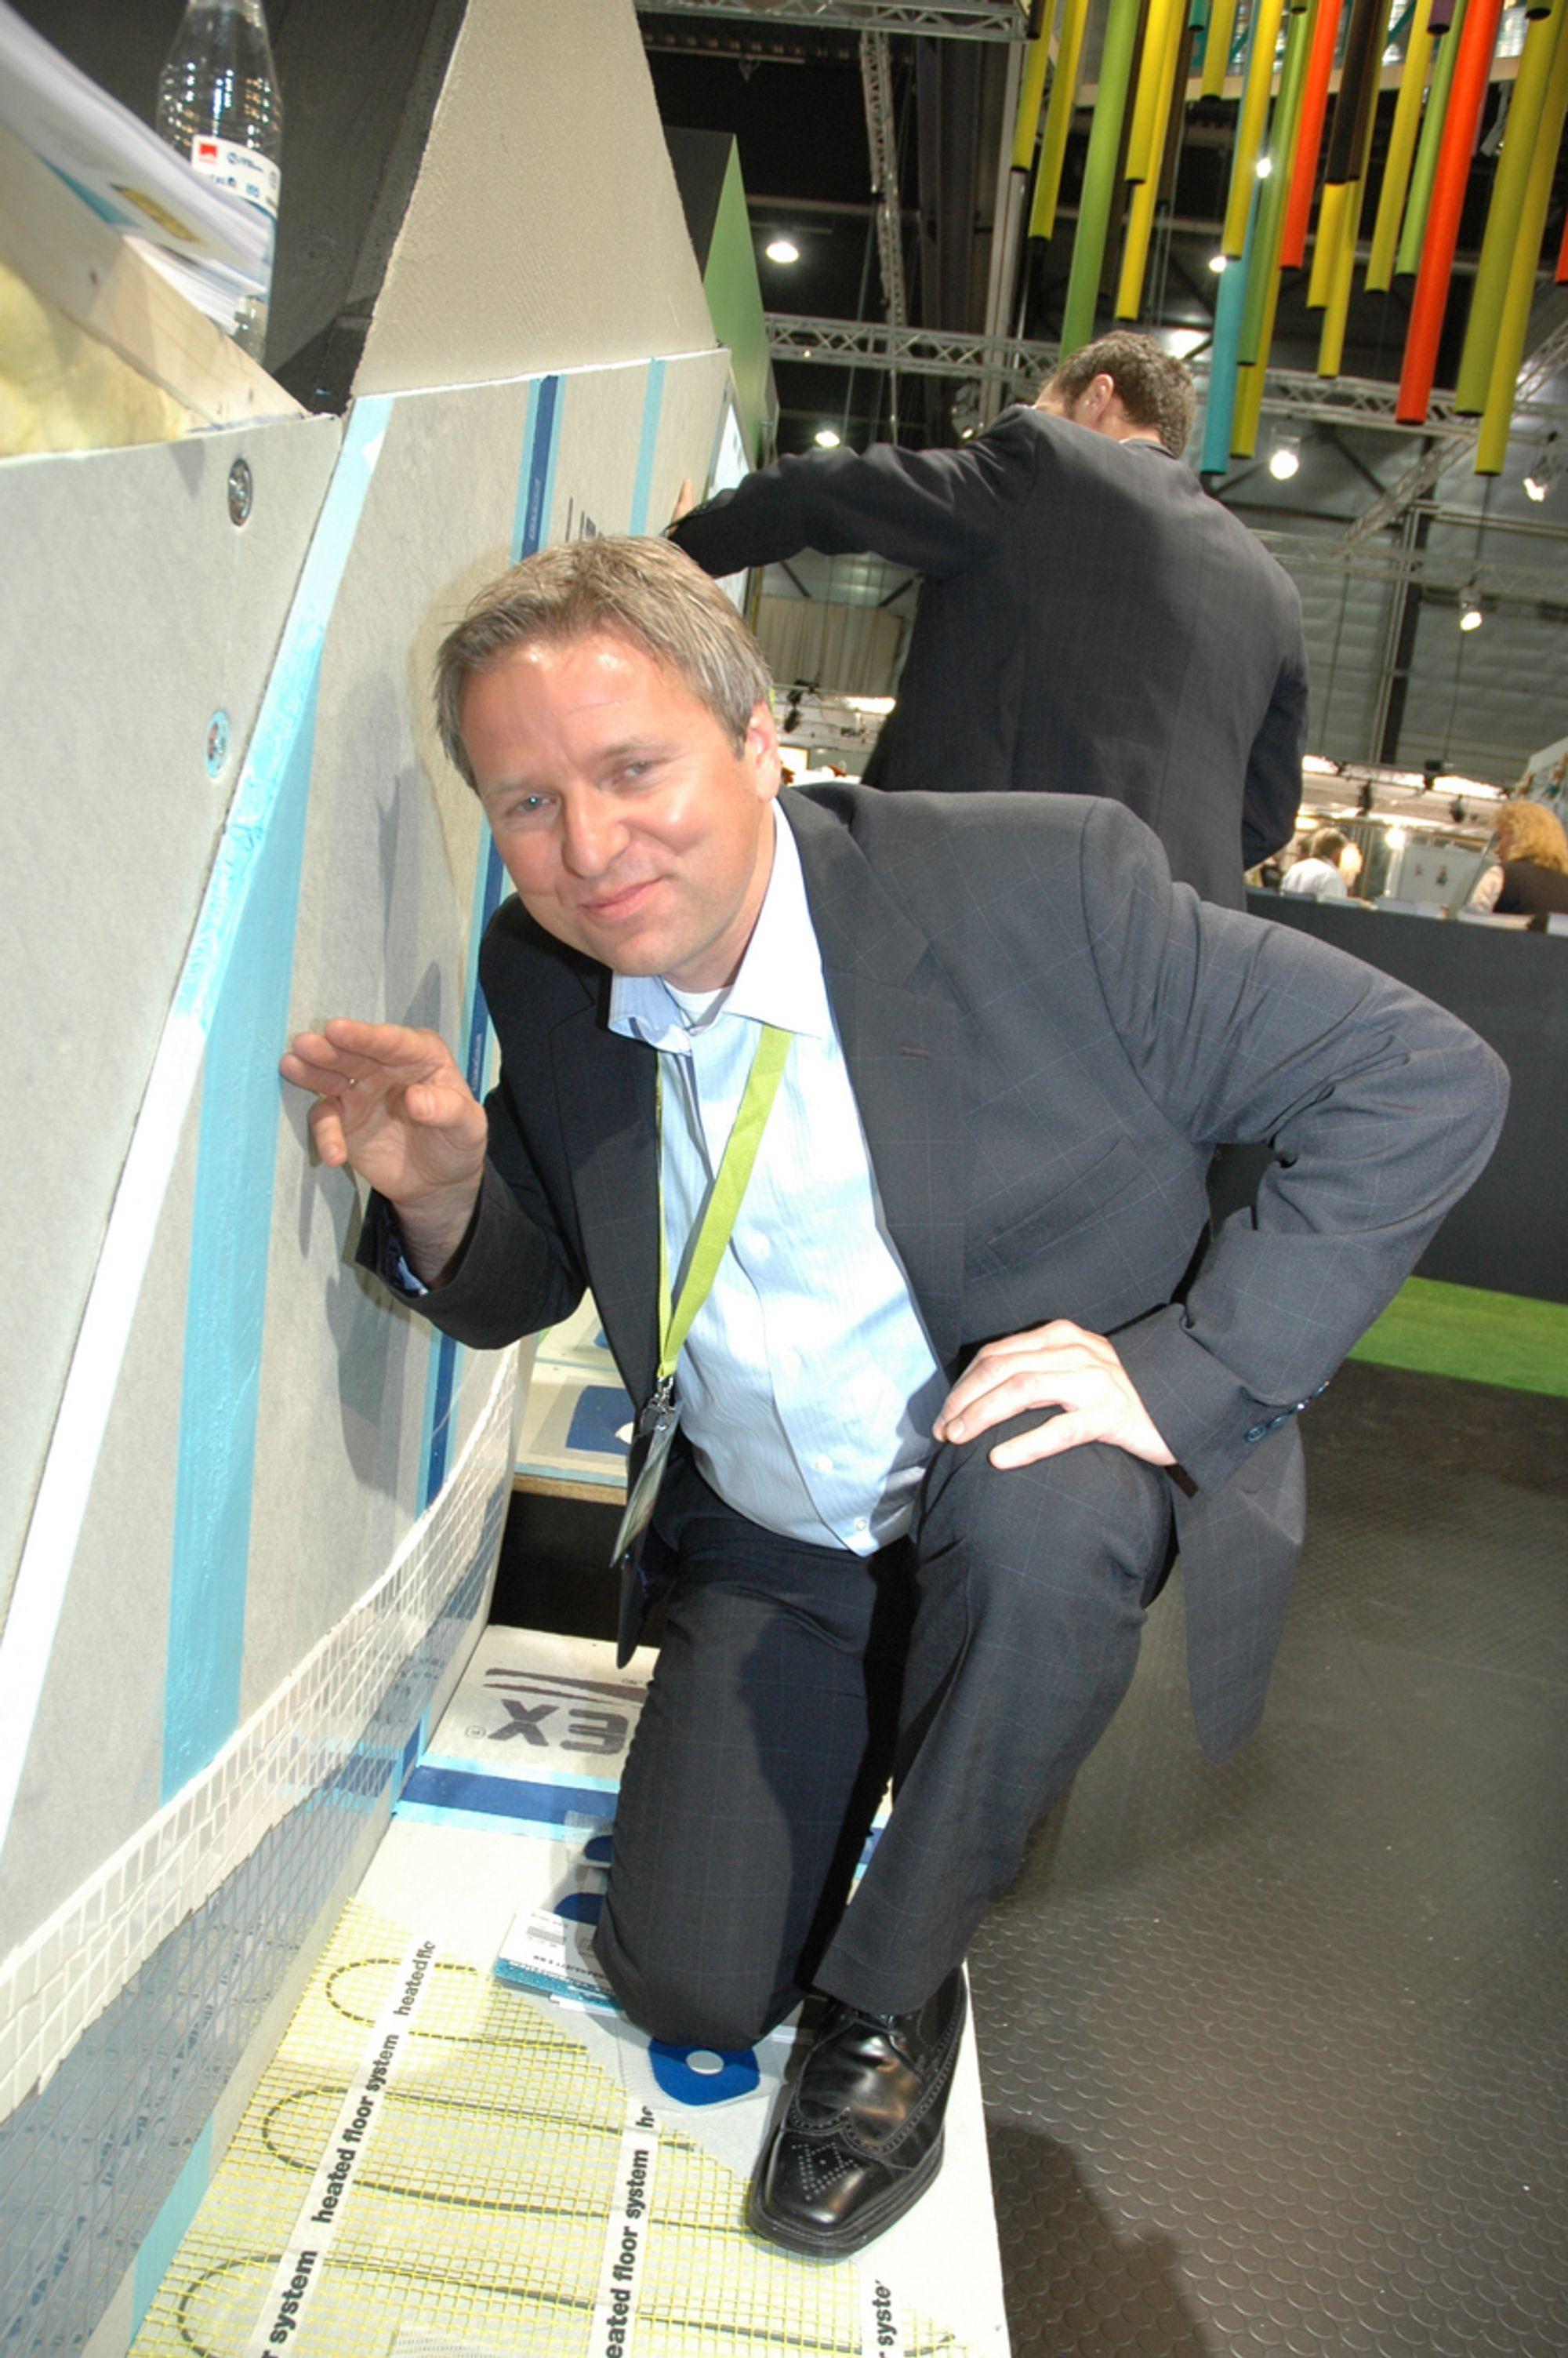 SEKSDOBLER: Ottar Nilsen er markedssjef hos Litex. Sandefjordfirmaet seksdobler nå produksjonen og går til angrep på våtromsgipsen.